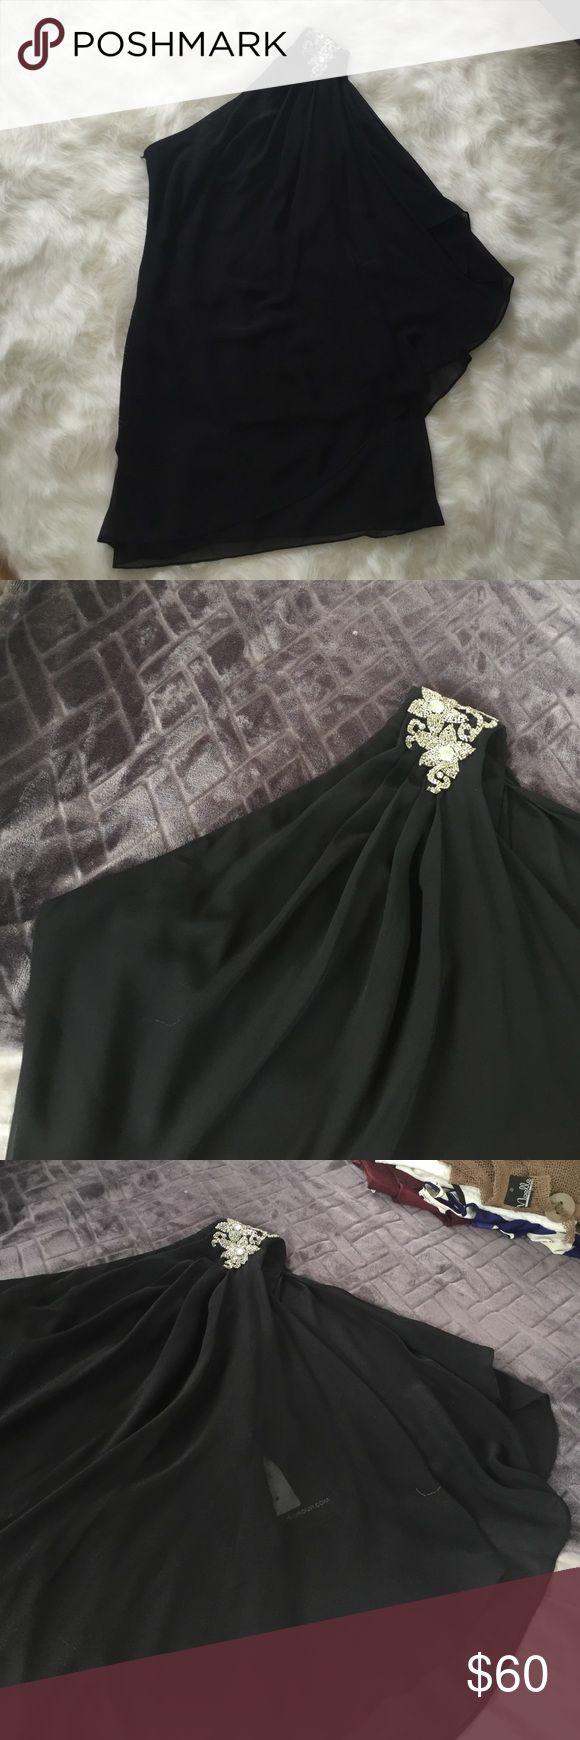 JS boutique, black, one shoulder dress Black, one shoulder with embellishment, flair sleeve dress JS Boutique Dresses One Shoulder